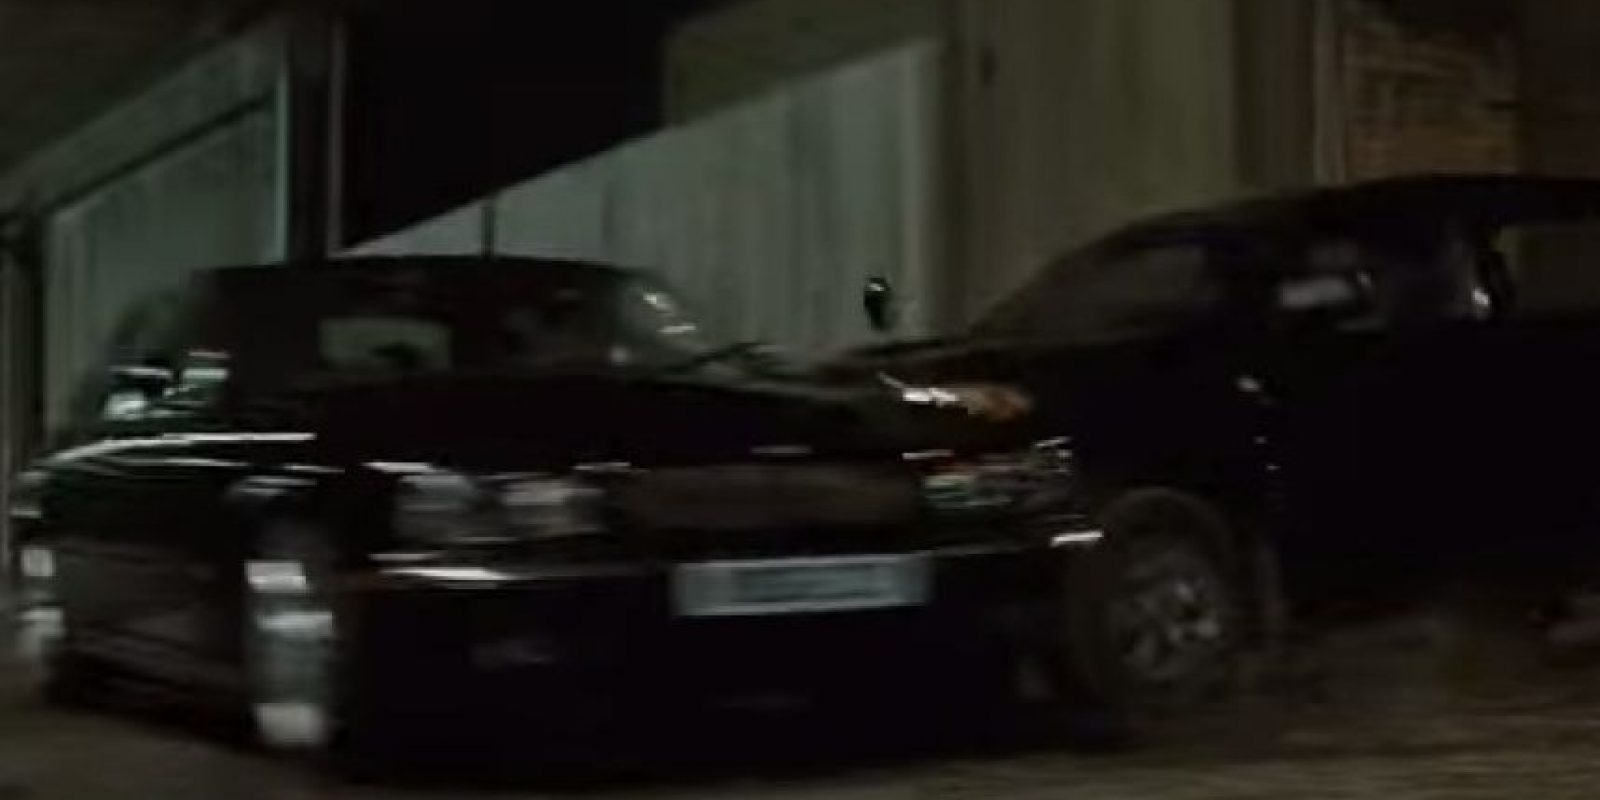 """37 millones de dólares fue el costo total de los autos destruídos en """"Spectre"""". Foto:Sony Pictures"""